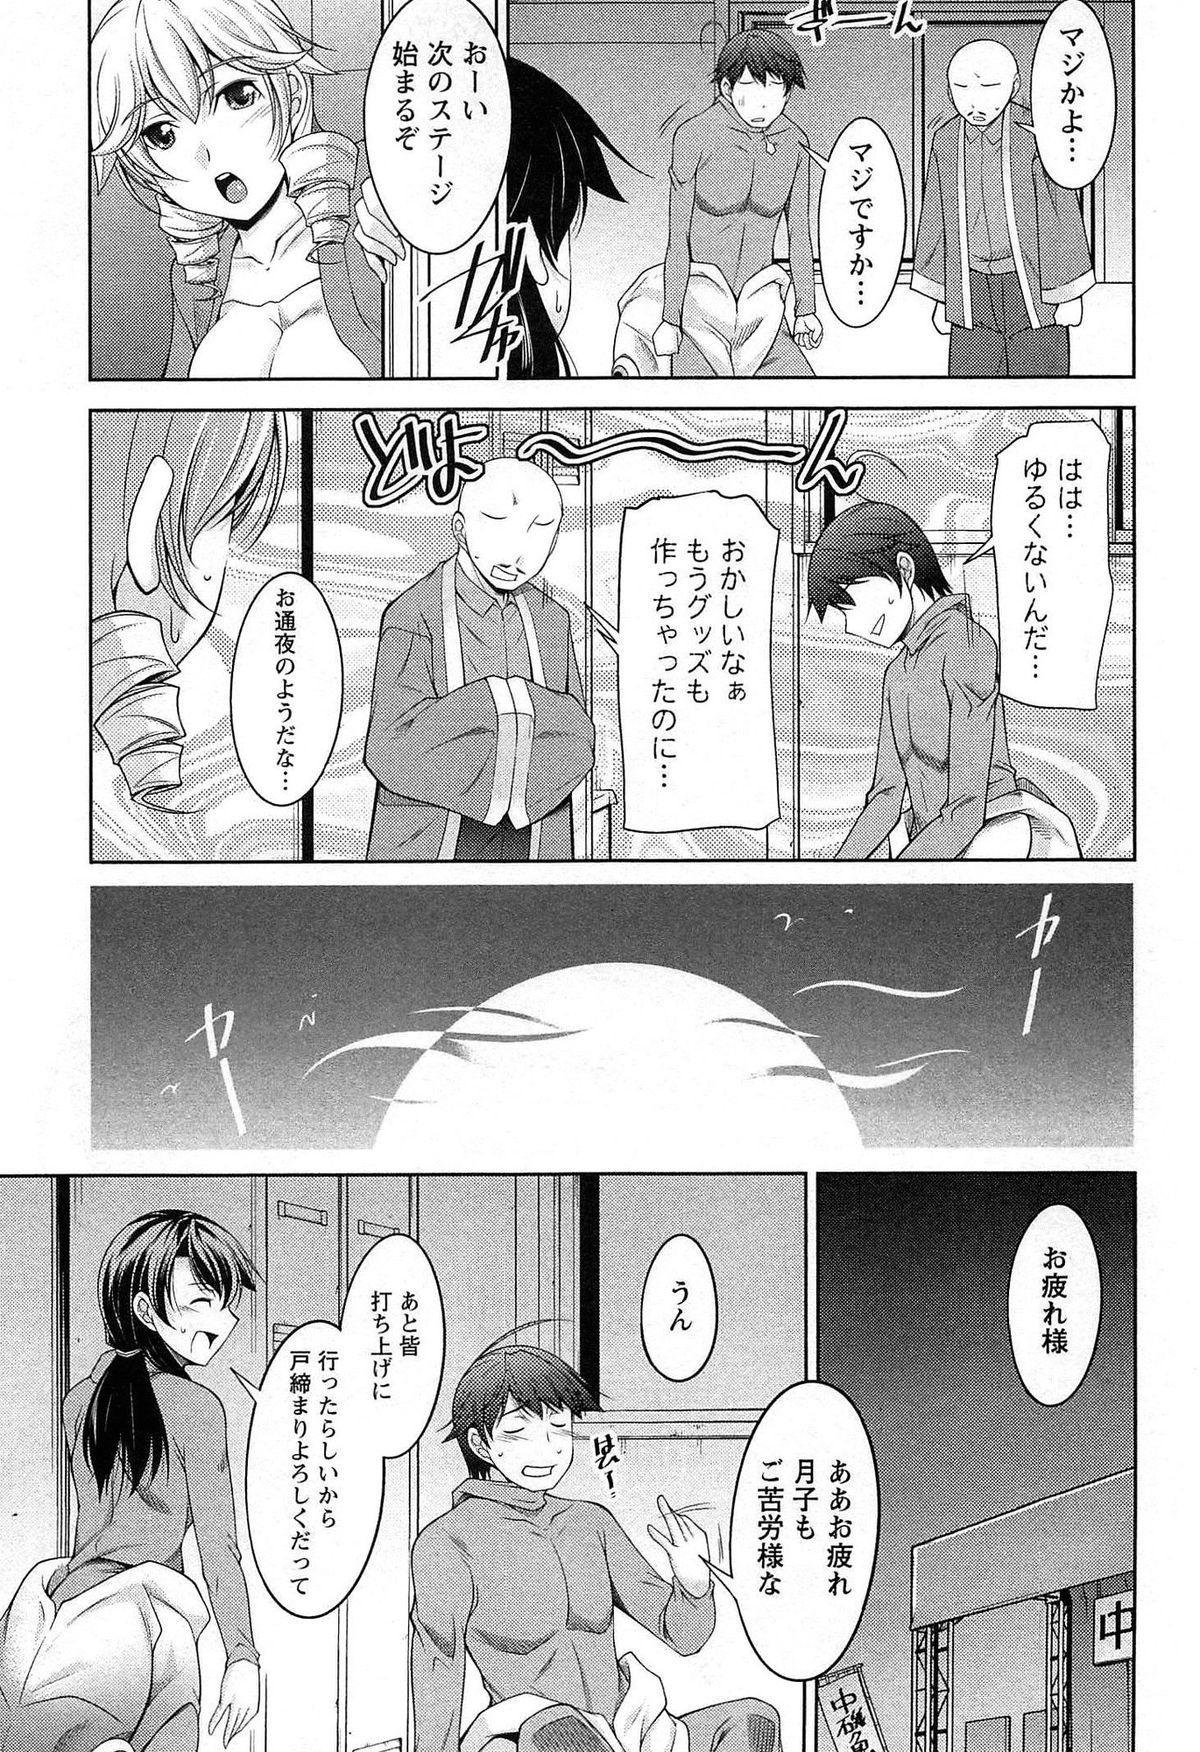 [zen9] Tsuki-wo Ai-Shite - Tsuki-ni Koi-shite 2 27